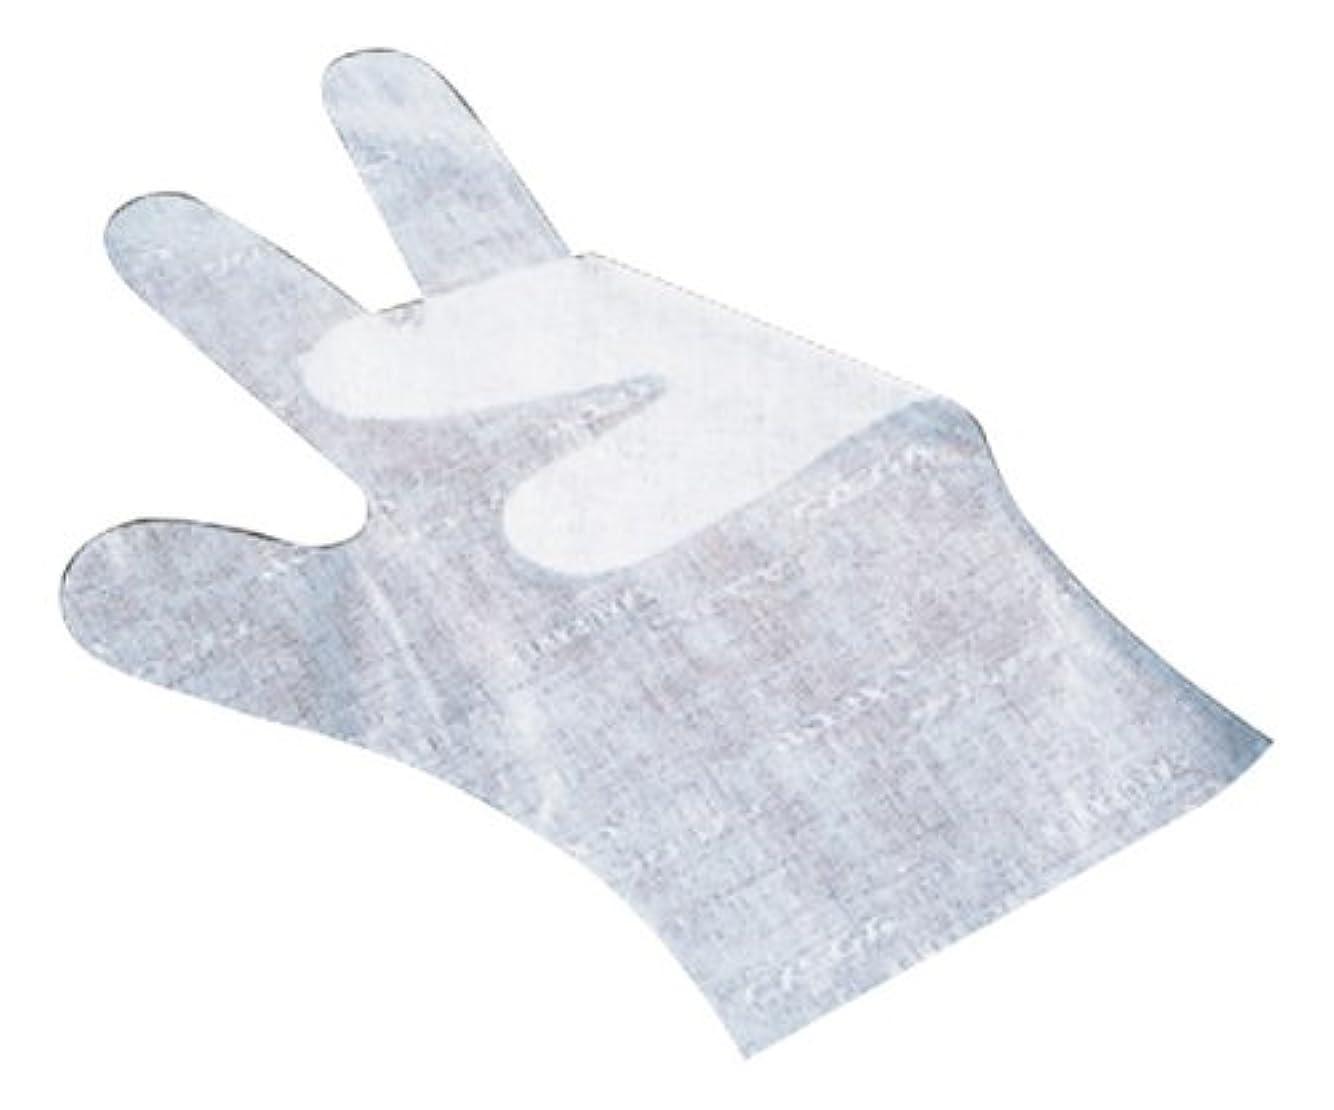 つかむ領事館入口サクラメン手袋 デラックス(100枚入)L ホワイト 35μ